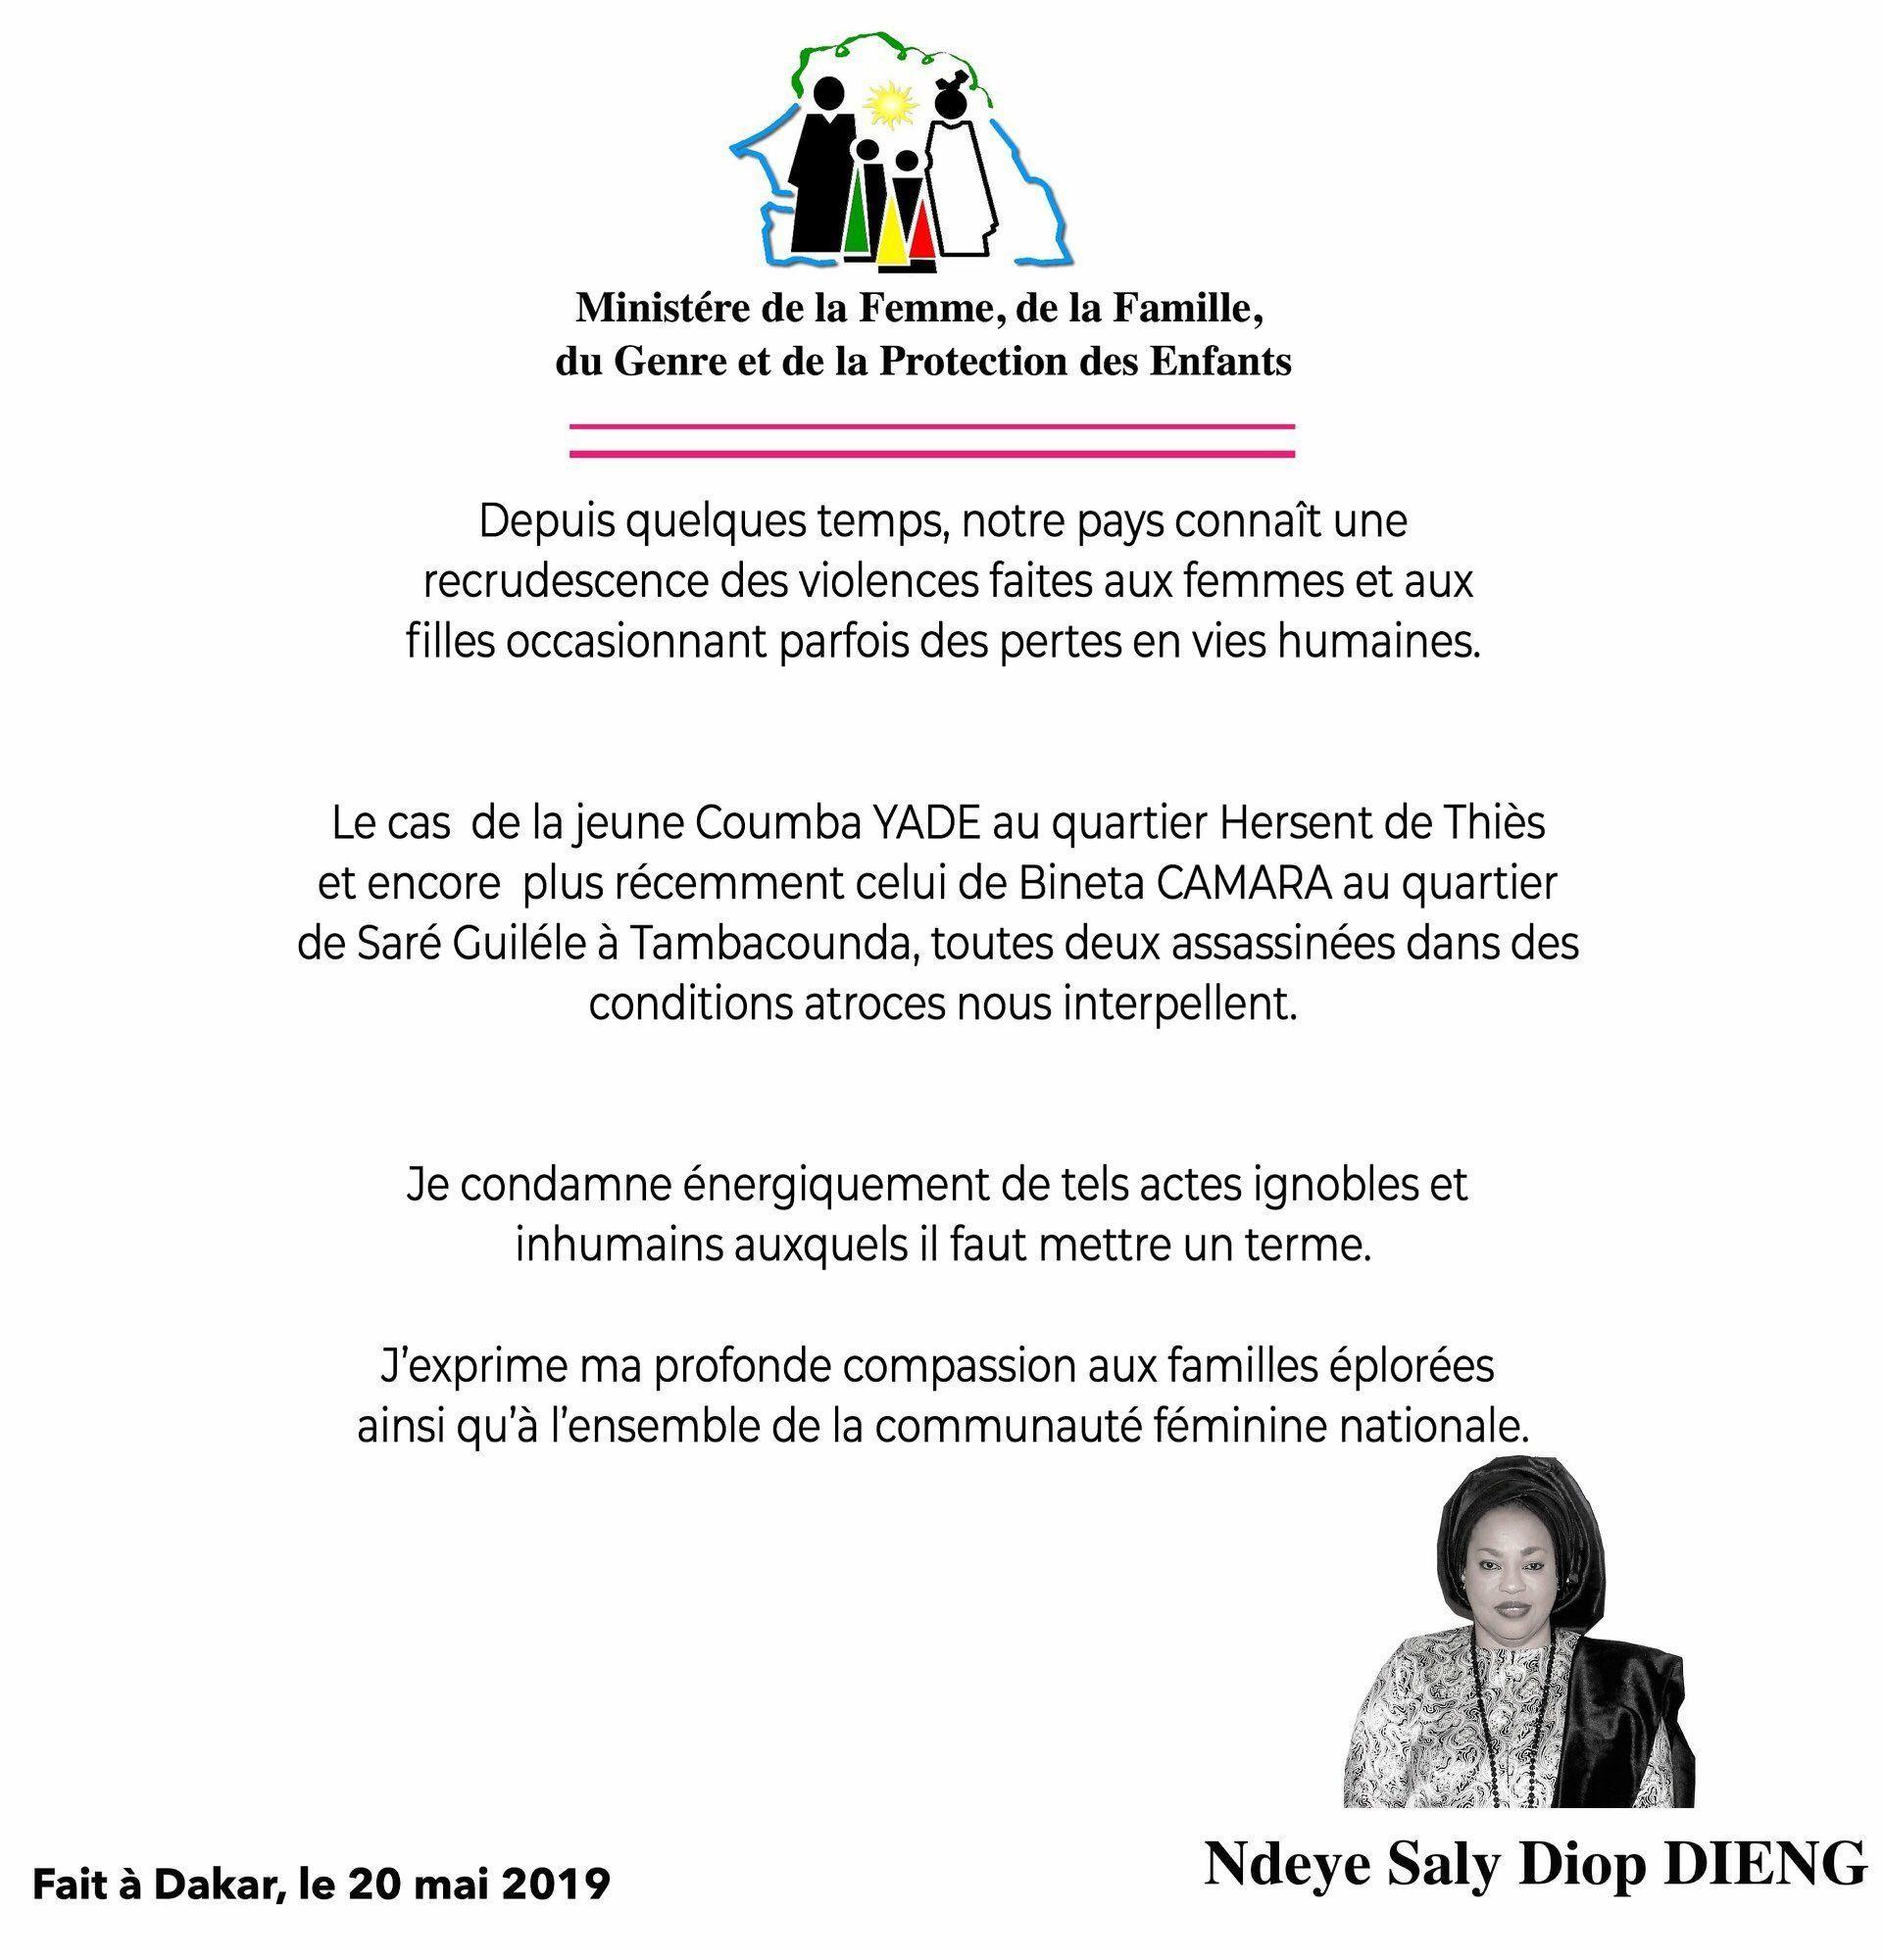 Communiqué diffusé le 20 mai 2019 par Ndèye Saly Diop Dieng, ministre sénégalaise de la Femme, de la Famille, du Genre et de la Protection des enfants. © Compte Twitter officiel de Mme Dieng.